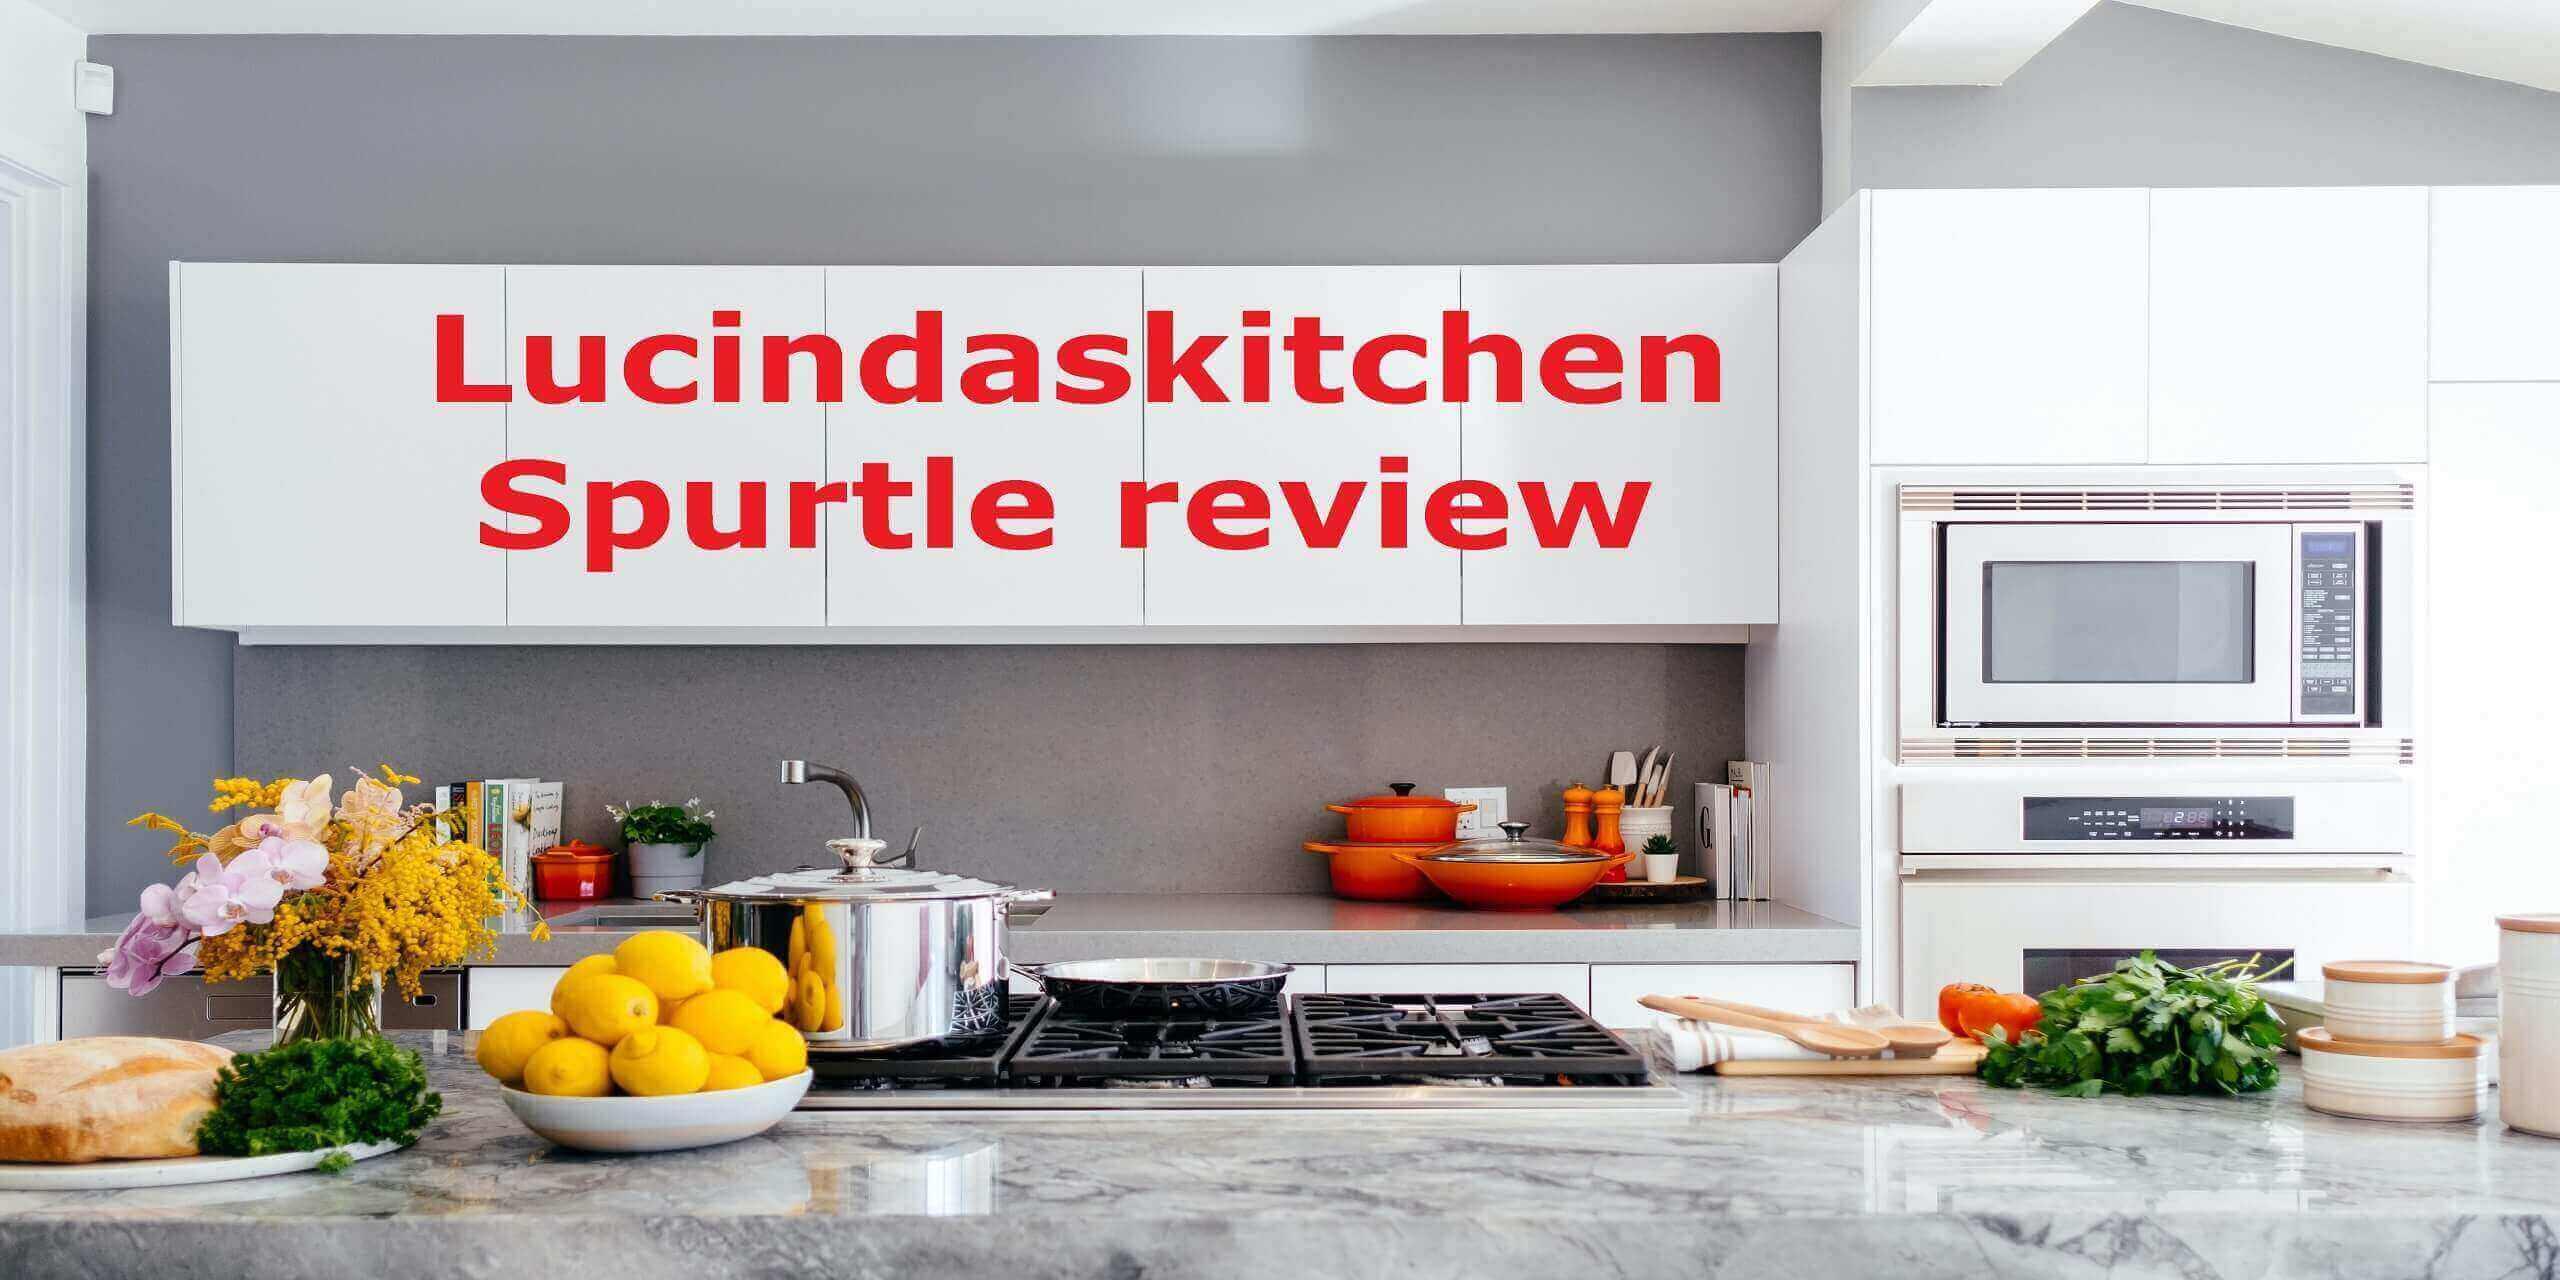 lucindaskitchen spurtle review